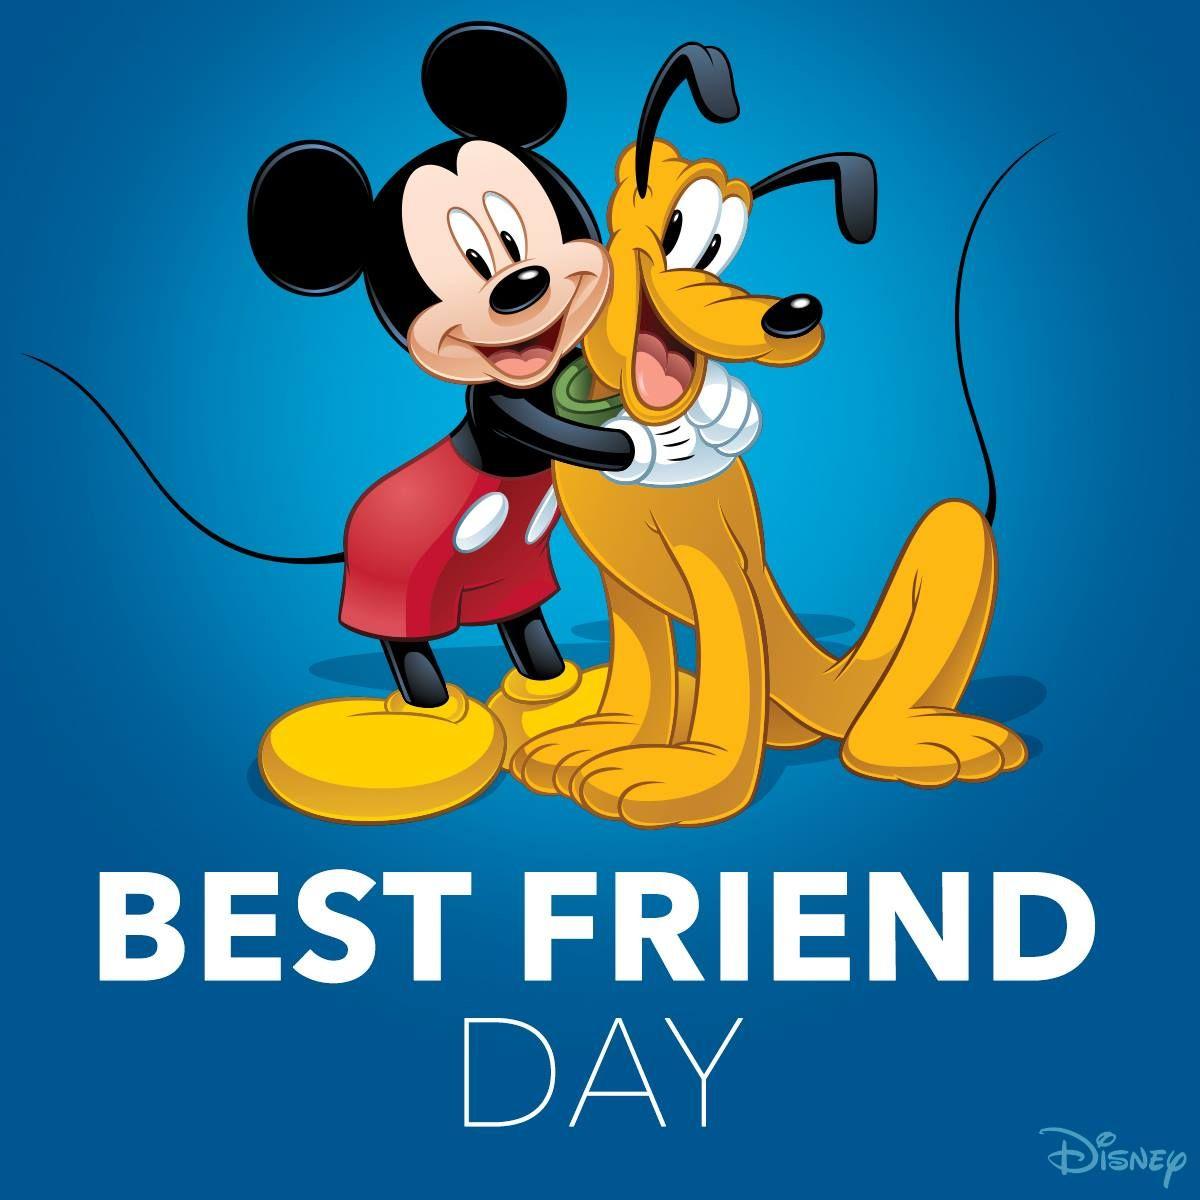 Celebrate Your Best Pal Nationalbestfriendday Best Friend Day Disney Movie Rewards Disney Friends